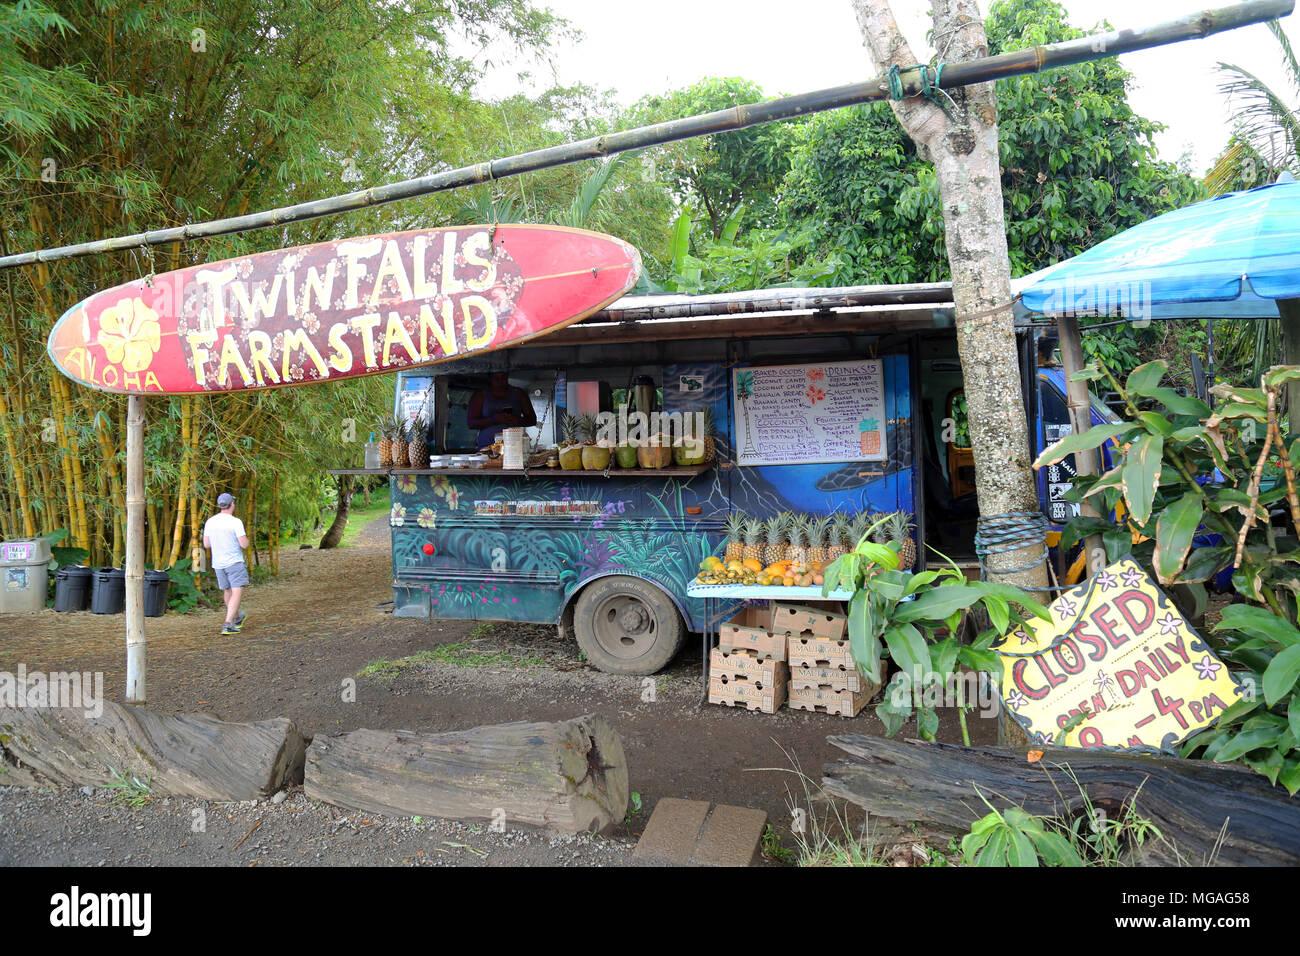 Twin Falls Farm Stand, Maui Stock Photo